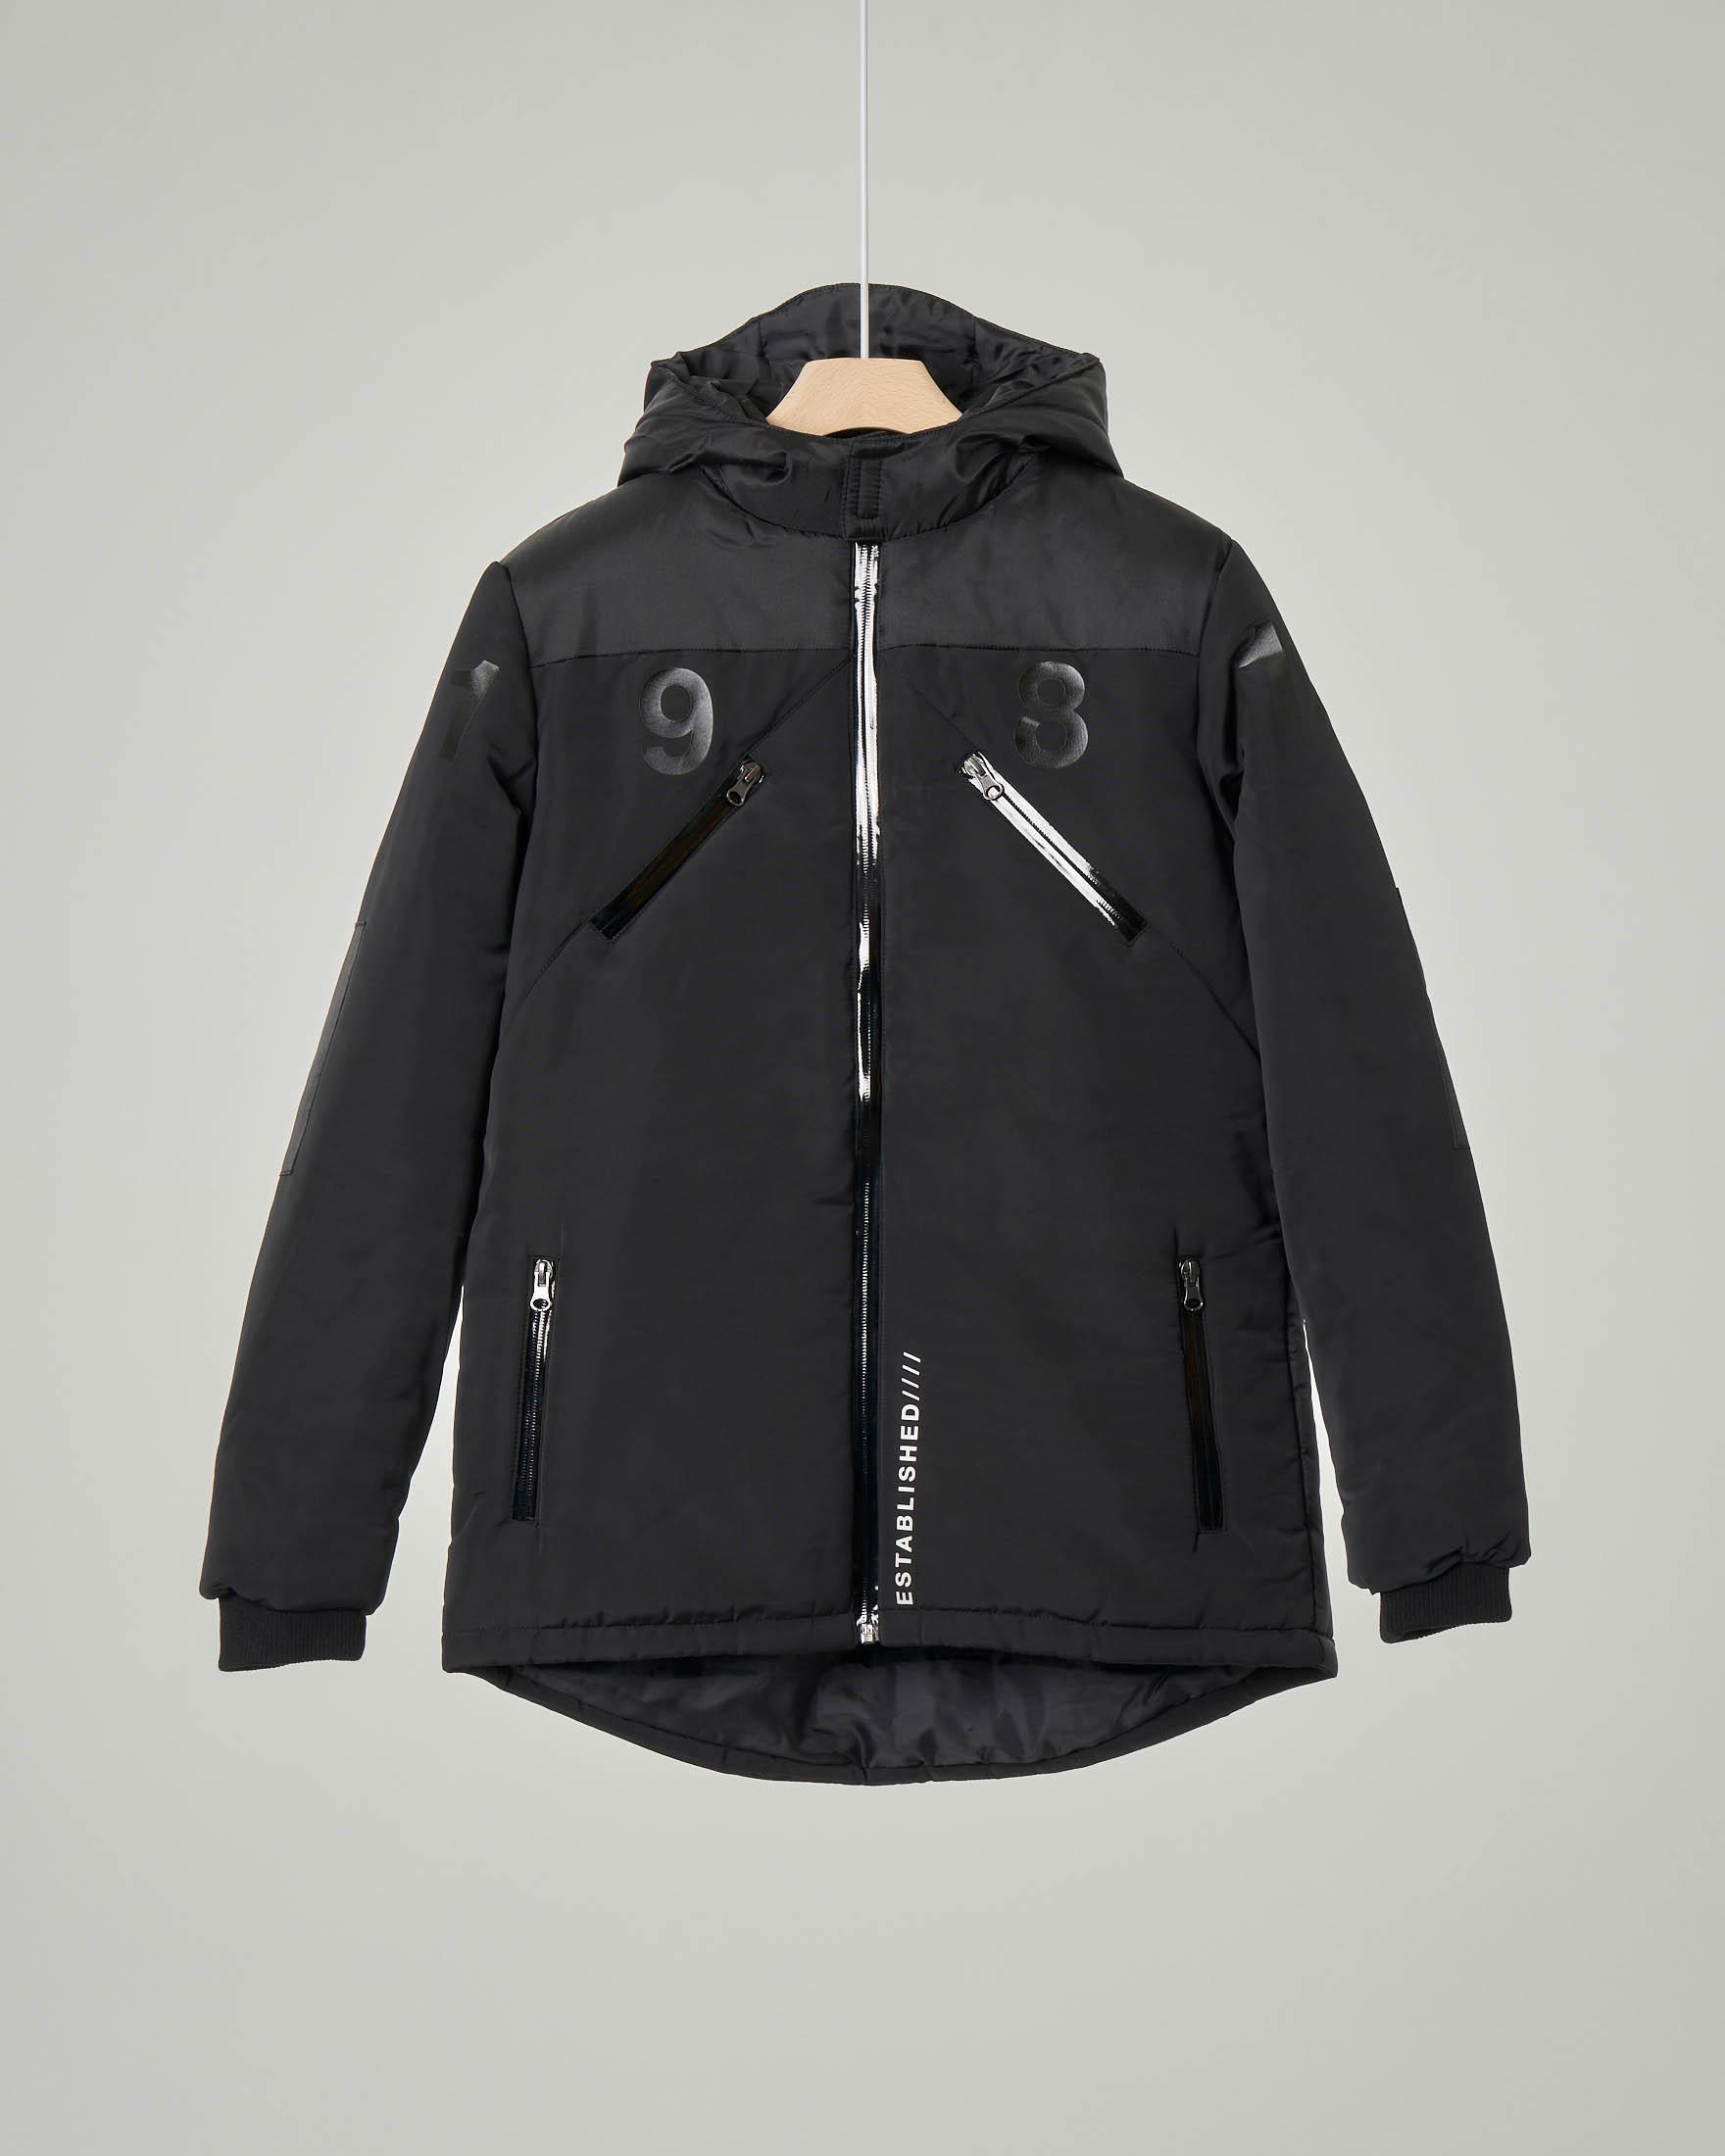 Giaccone nero con cappuccio fisso scritte a contrasto e cuciture termosaldate 10-16 anni